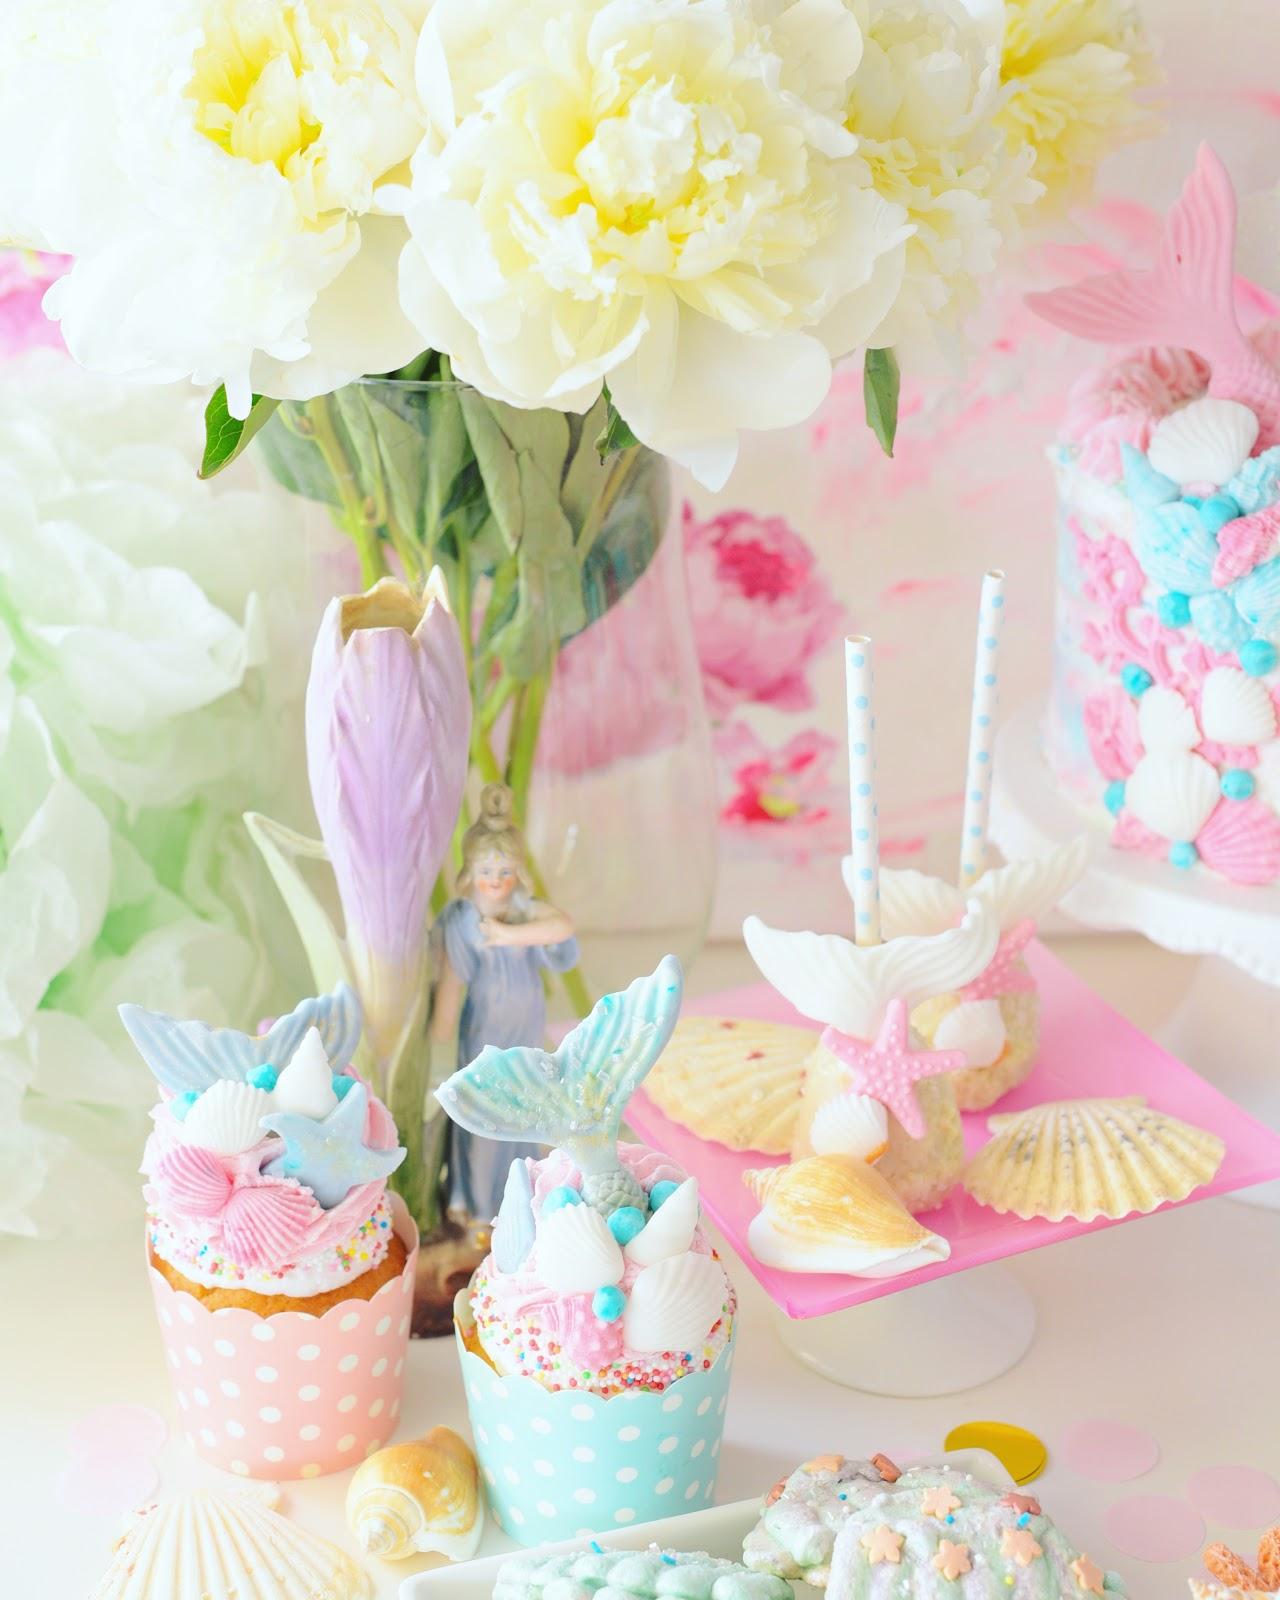 Kessy S Pink Sugar Meerjungfrauen Party